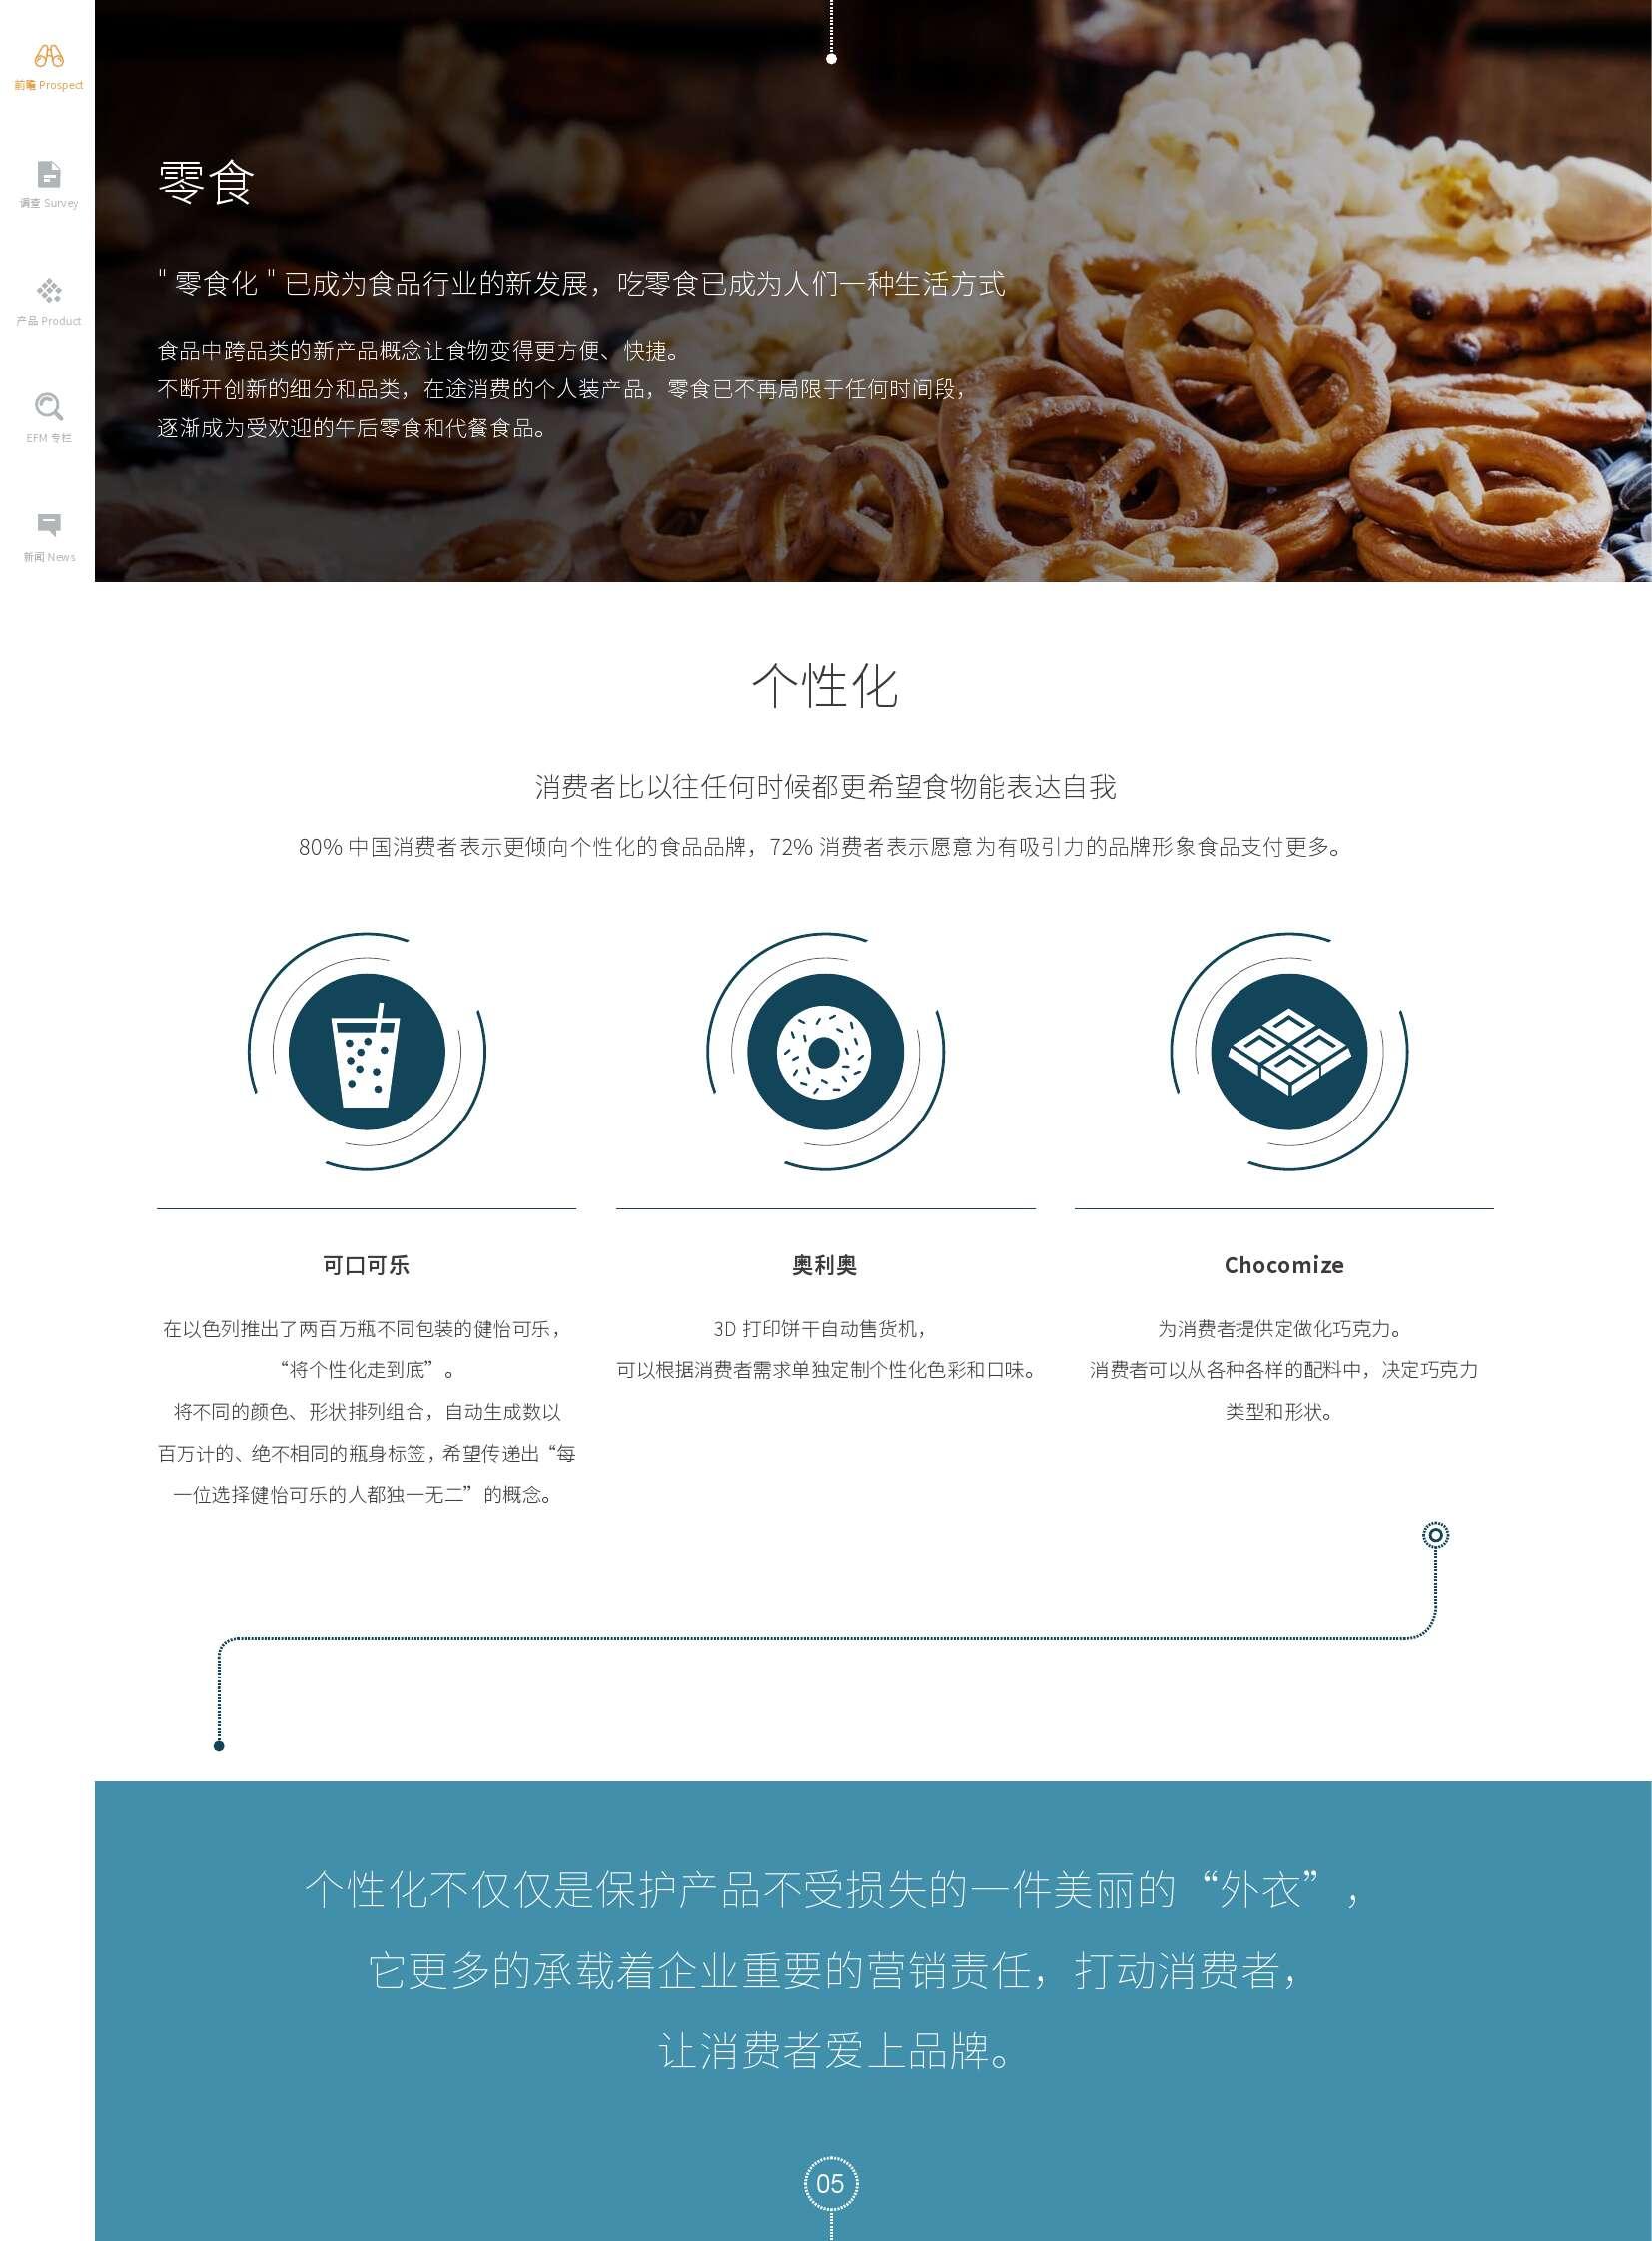 2016中国食品&饮料趋势及消费者洞察_000006